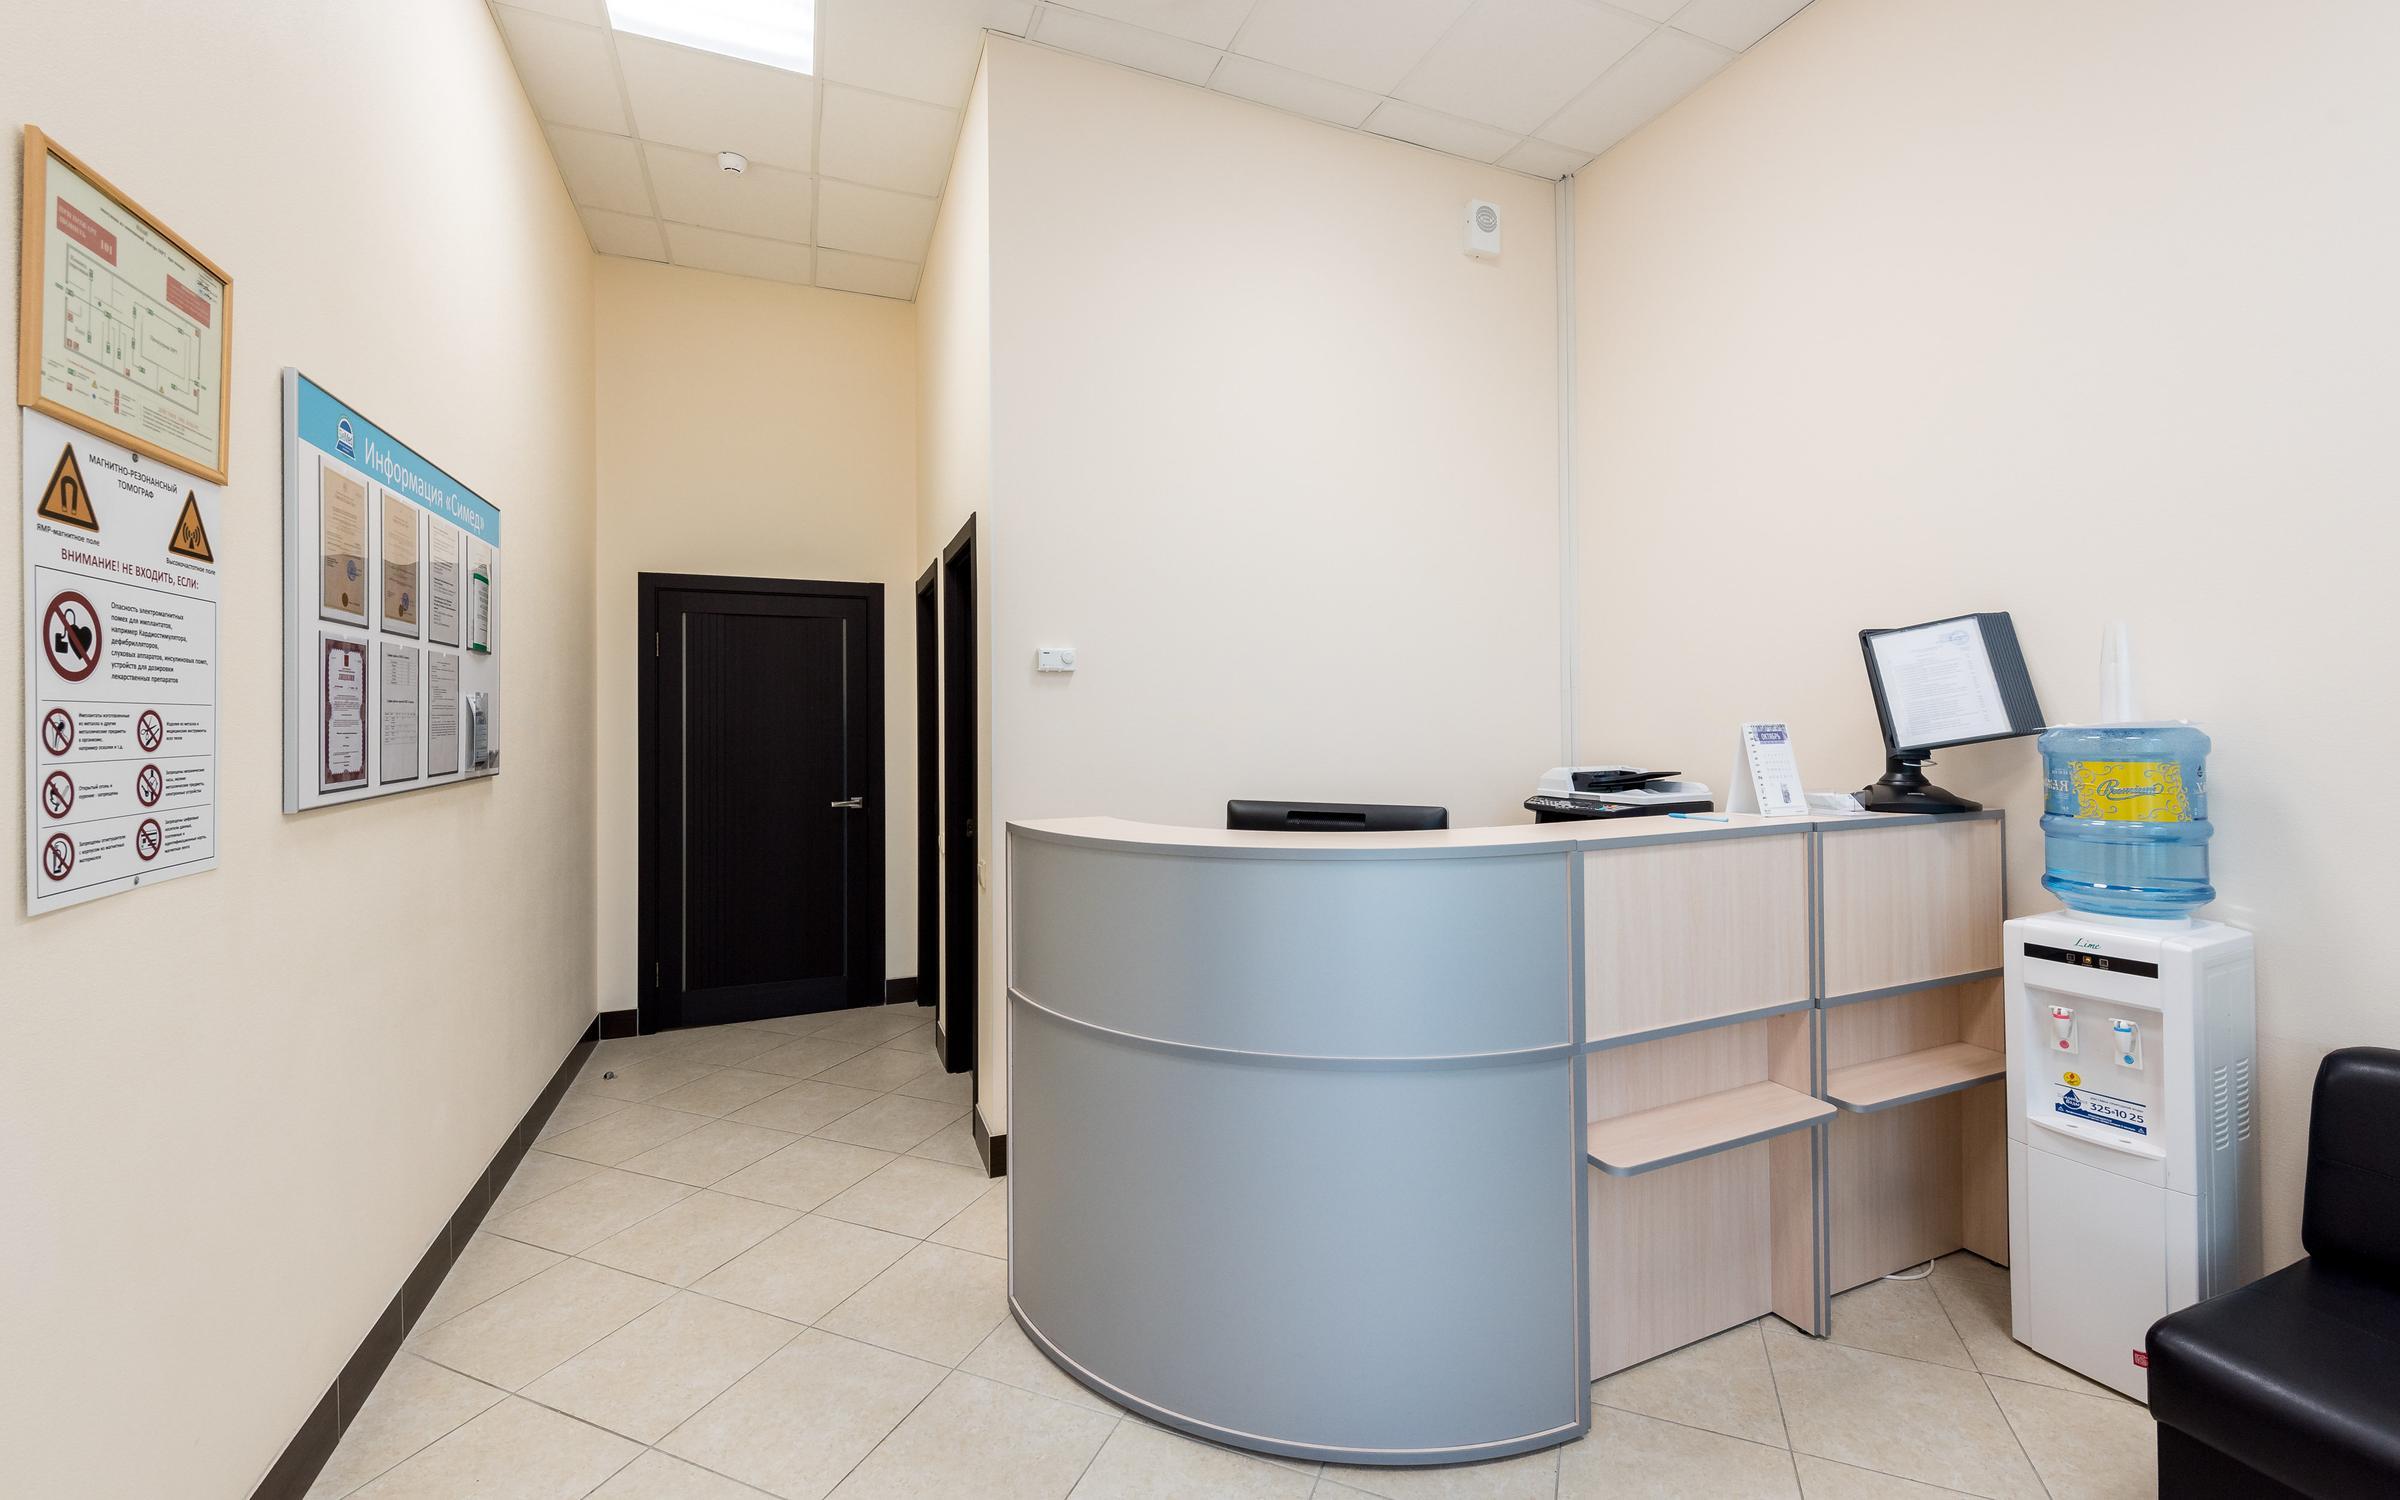 фотография Диагностического центра Симед-МРТ на метро Ладожская